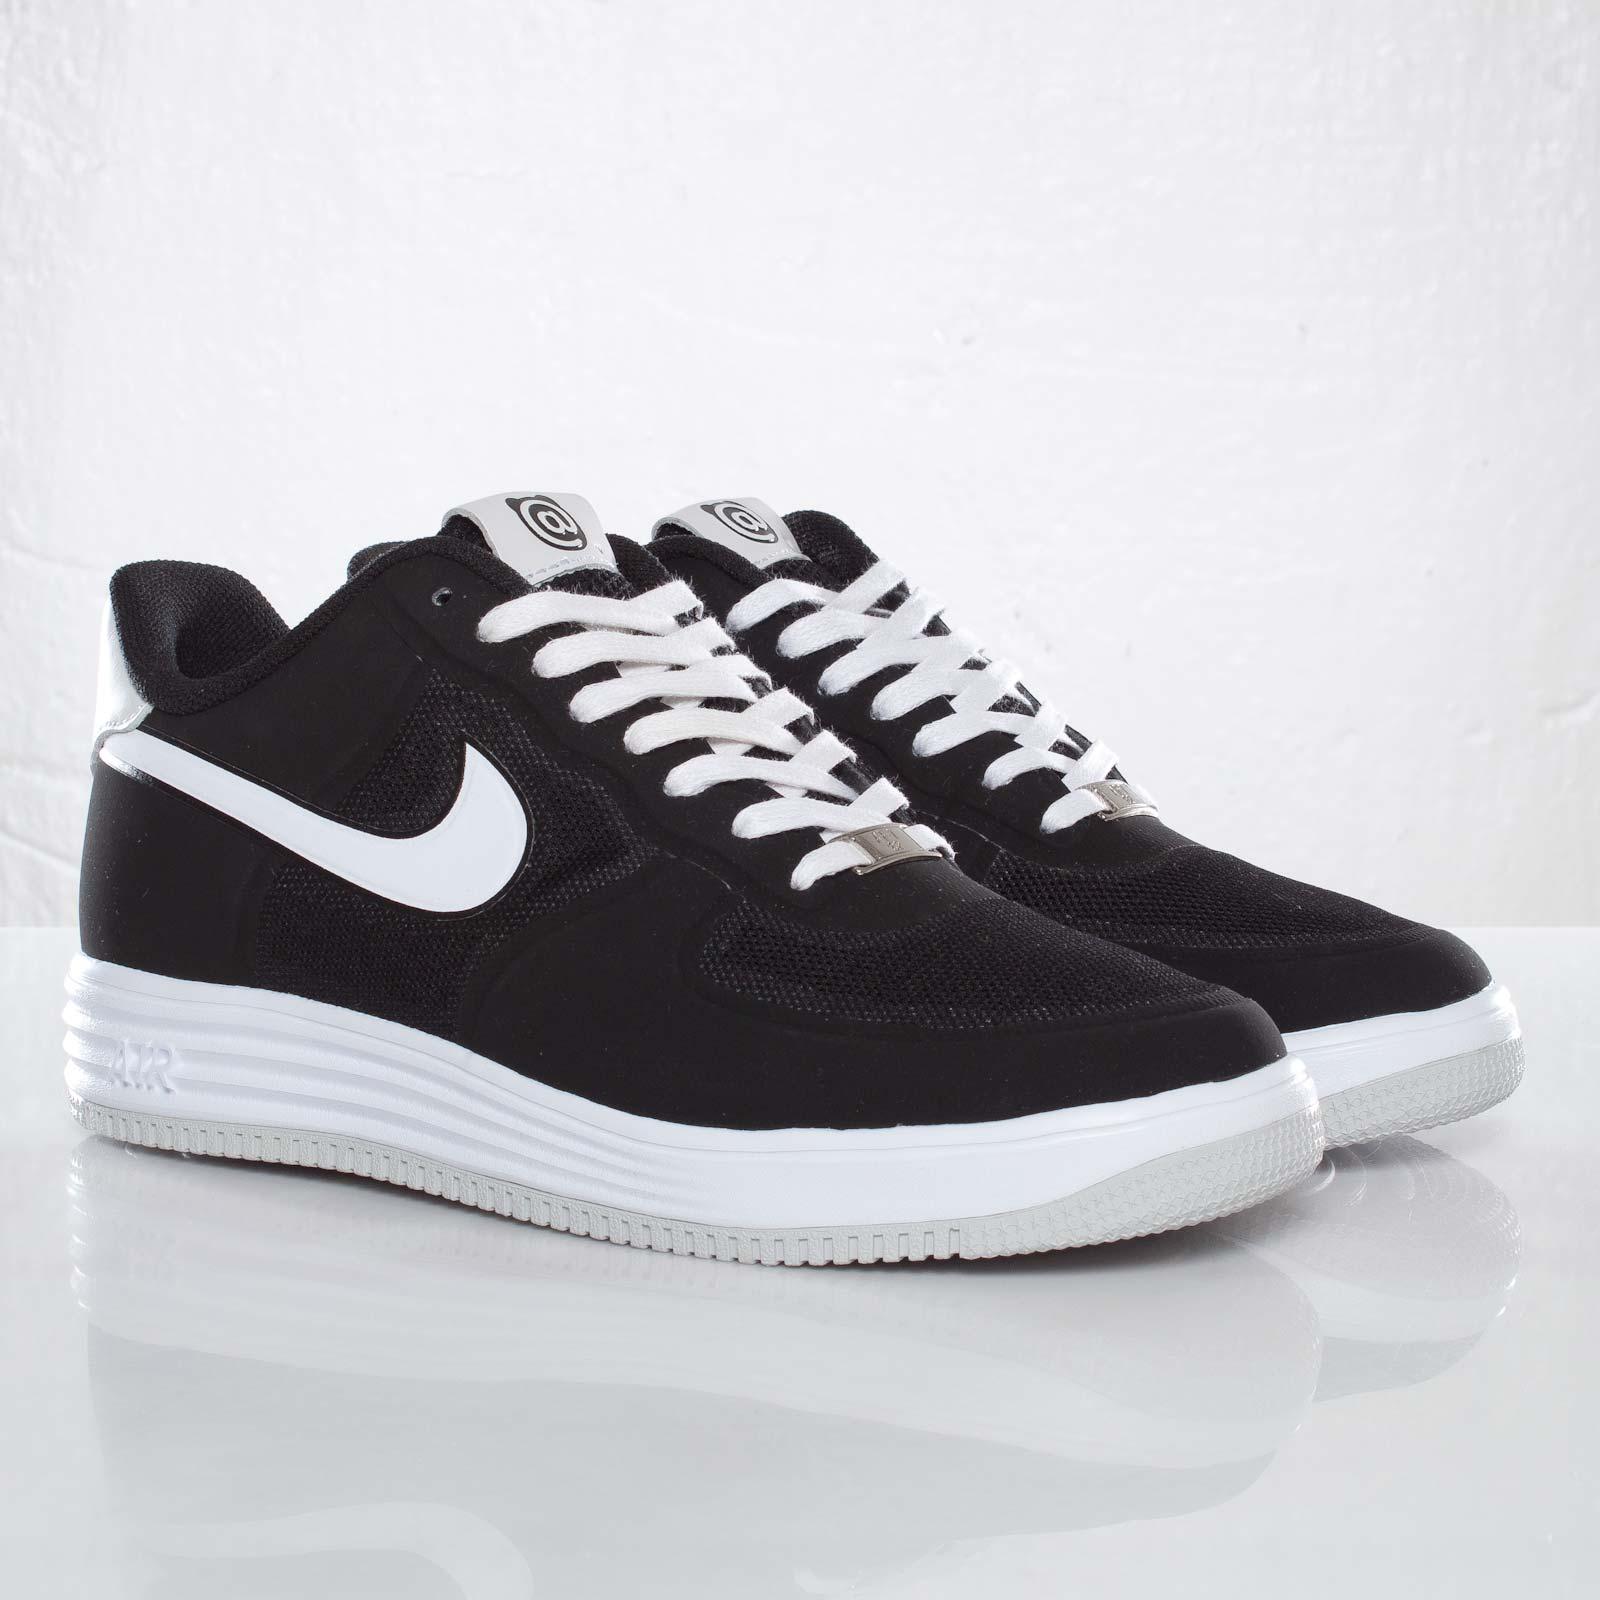 best website d6868 175b7 Nike Lunar Force 1 Fuse NRG